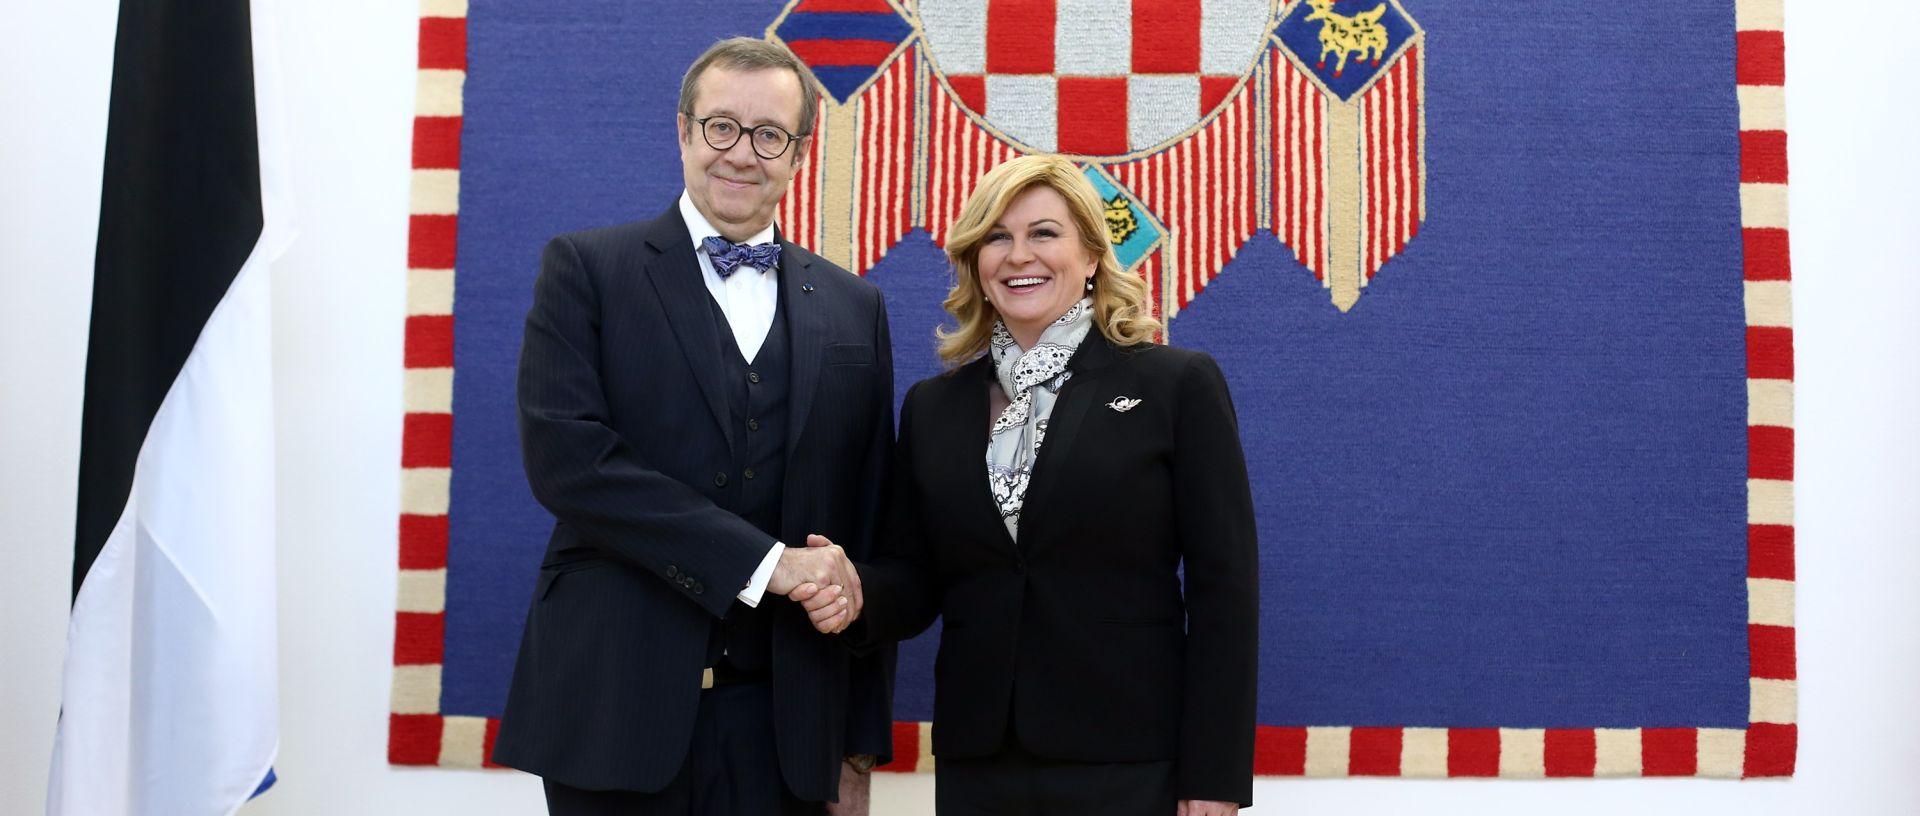 TOOMAS HENDRIK ILVES Estonija podržava ulazak Hrvatske u schengensku zonu